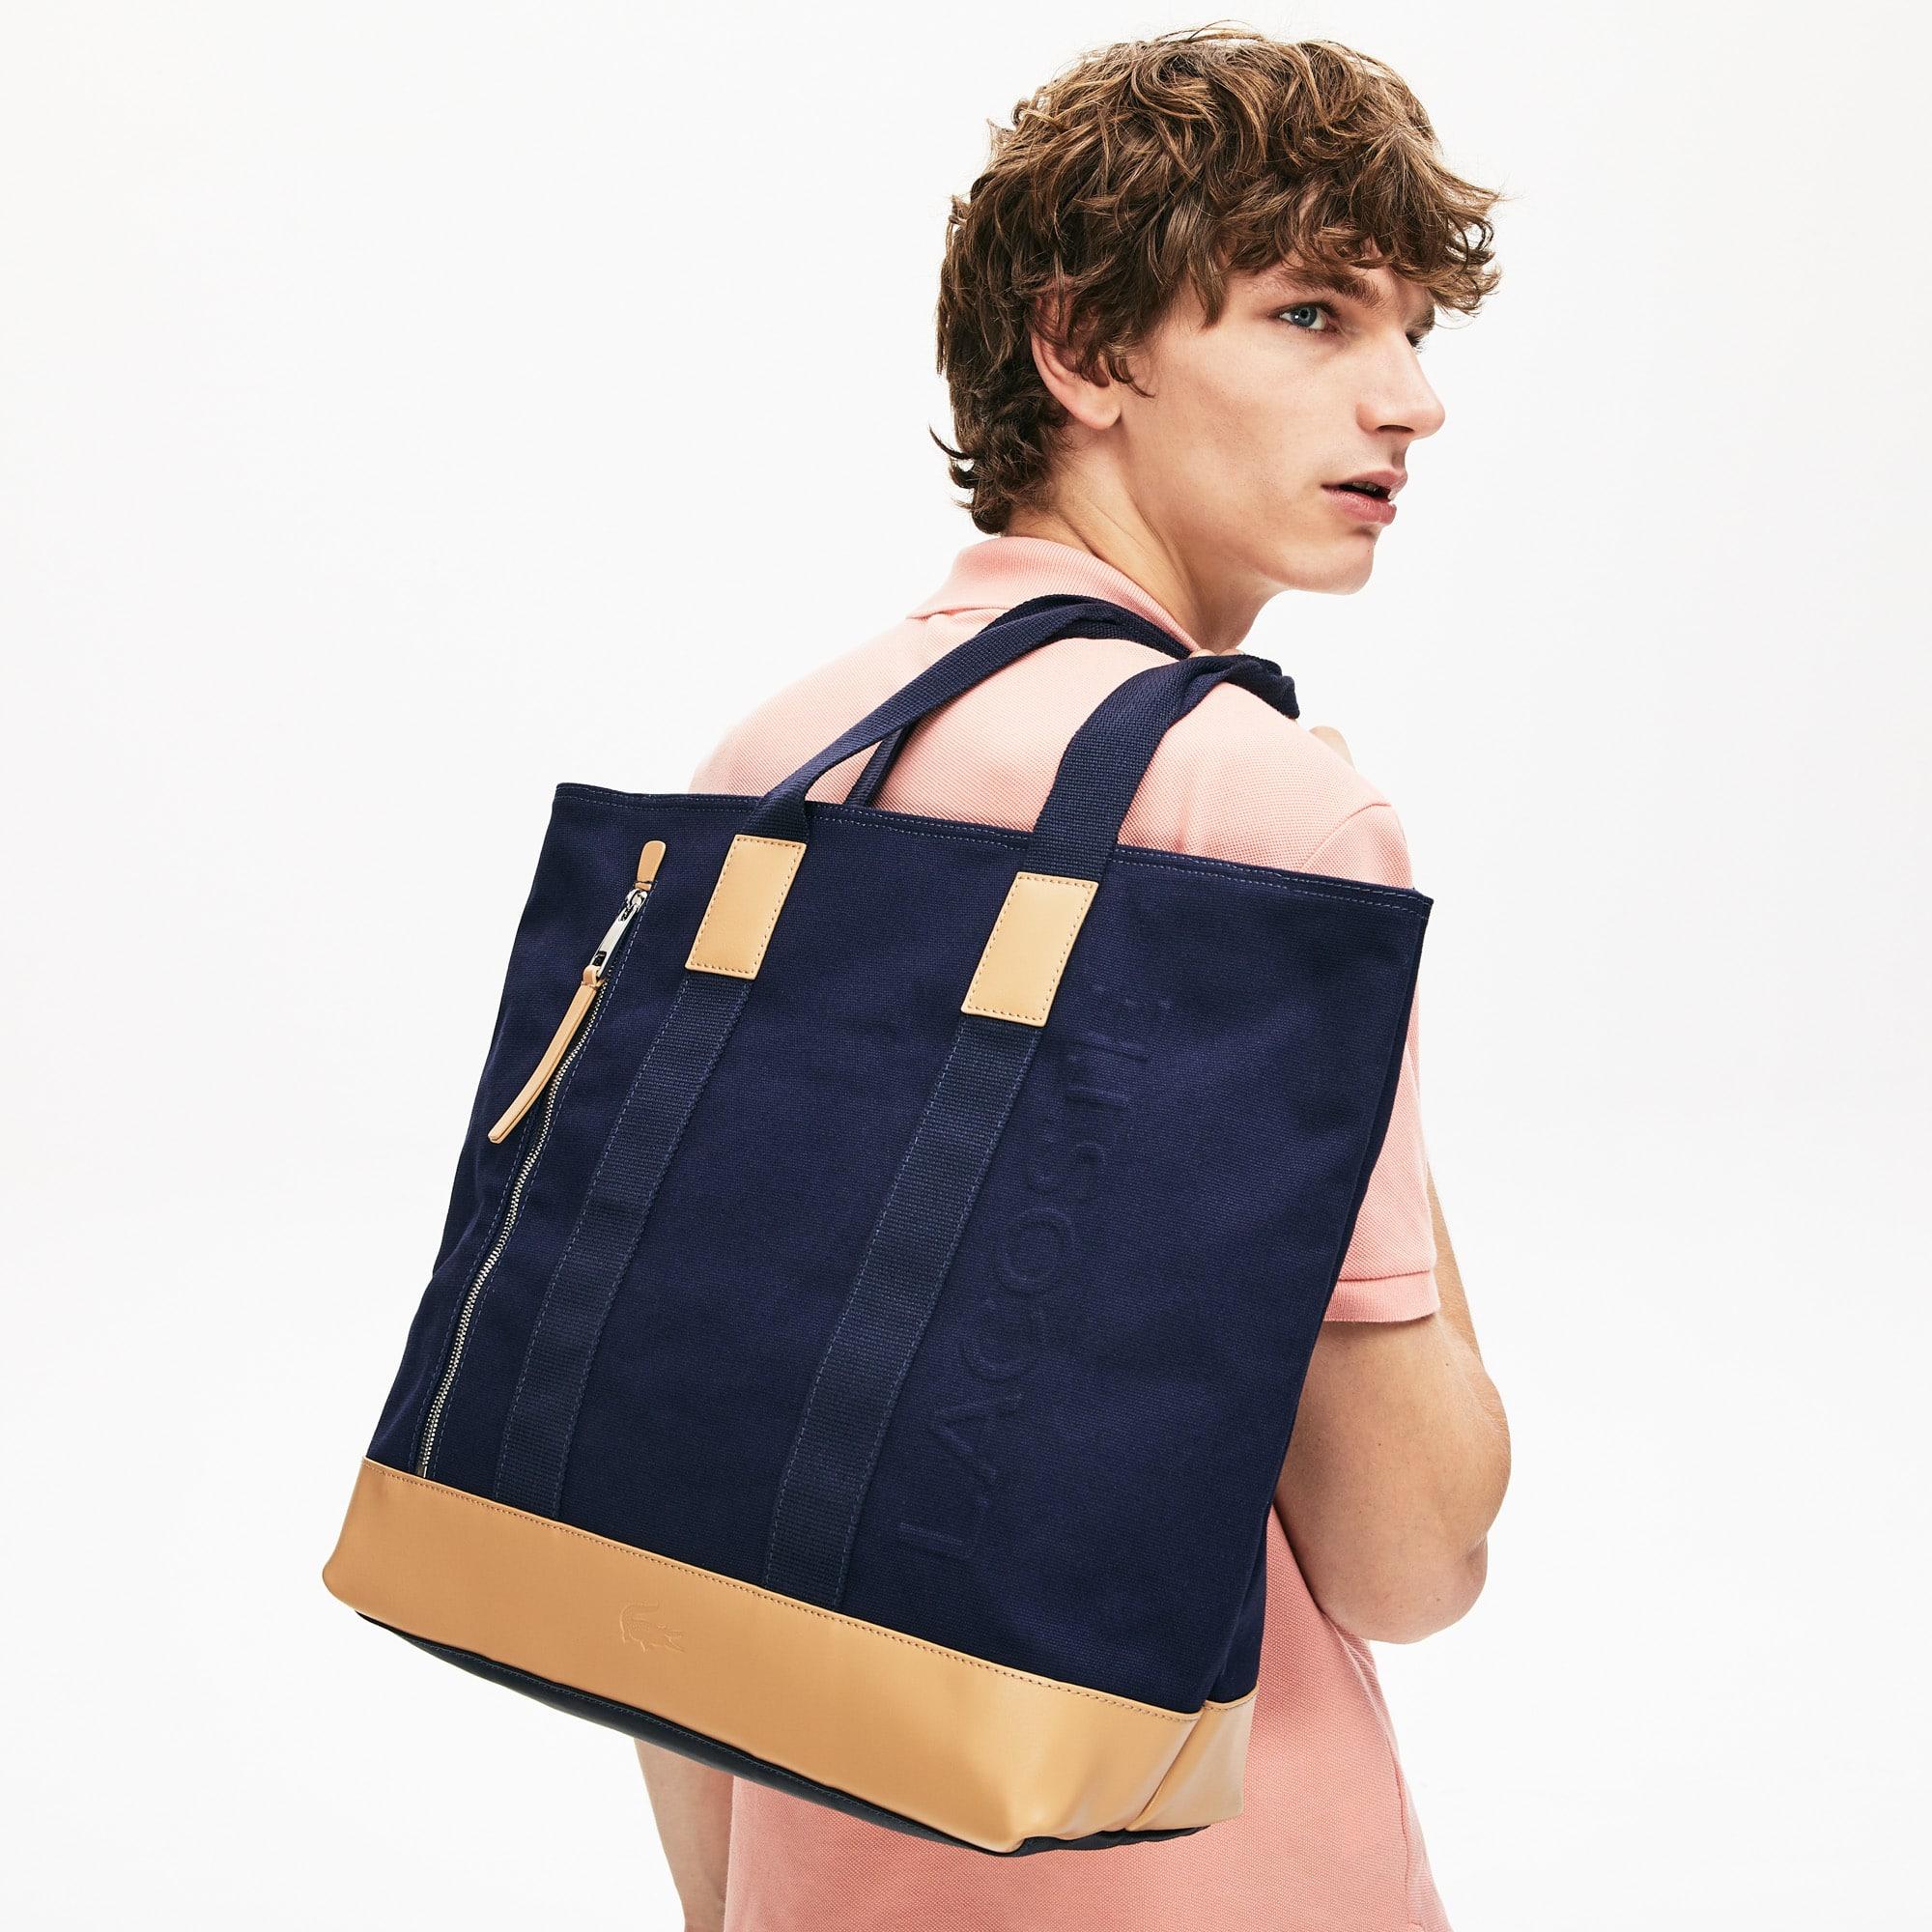 라코스테 토트백 Lacoste Classic Leather and Canvas Tote Bag,PEACOAT TAN E75